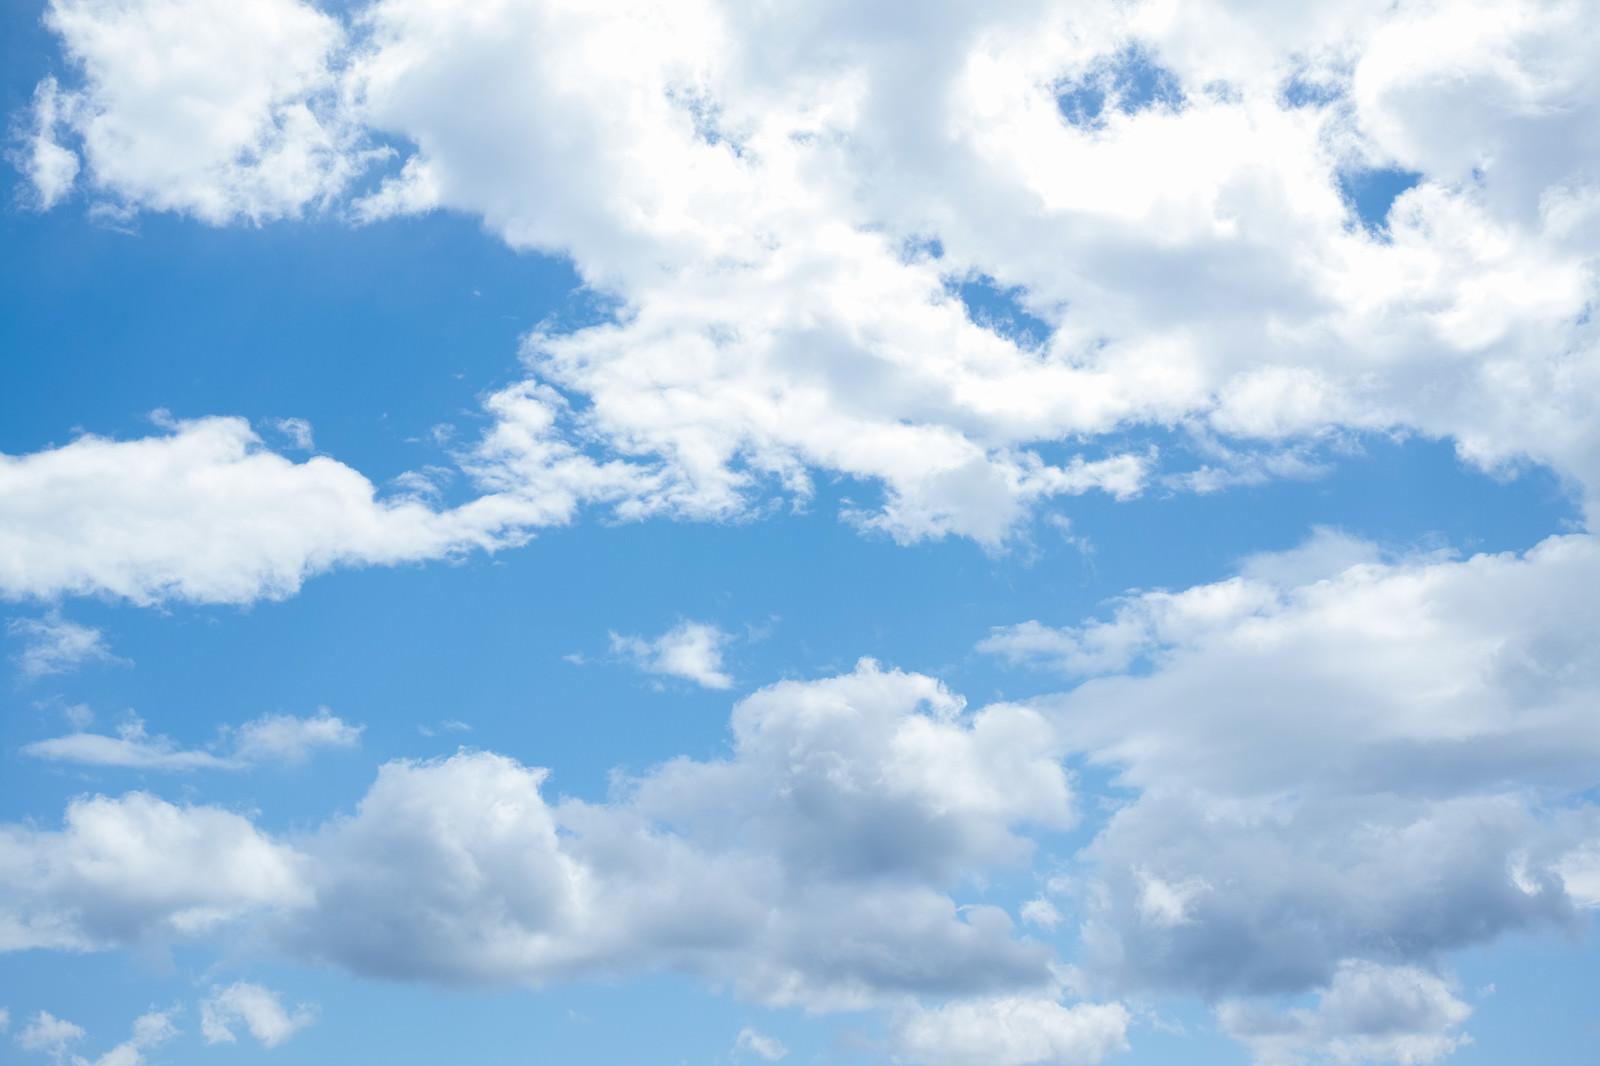 「雲が多めに浮かぶ空」の写真